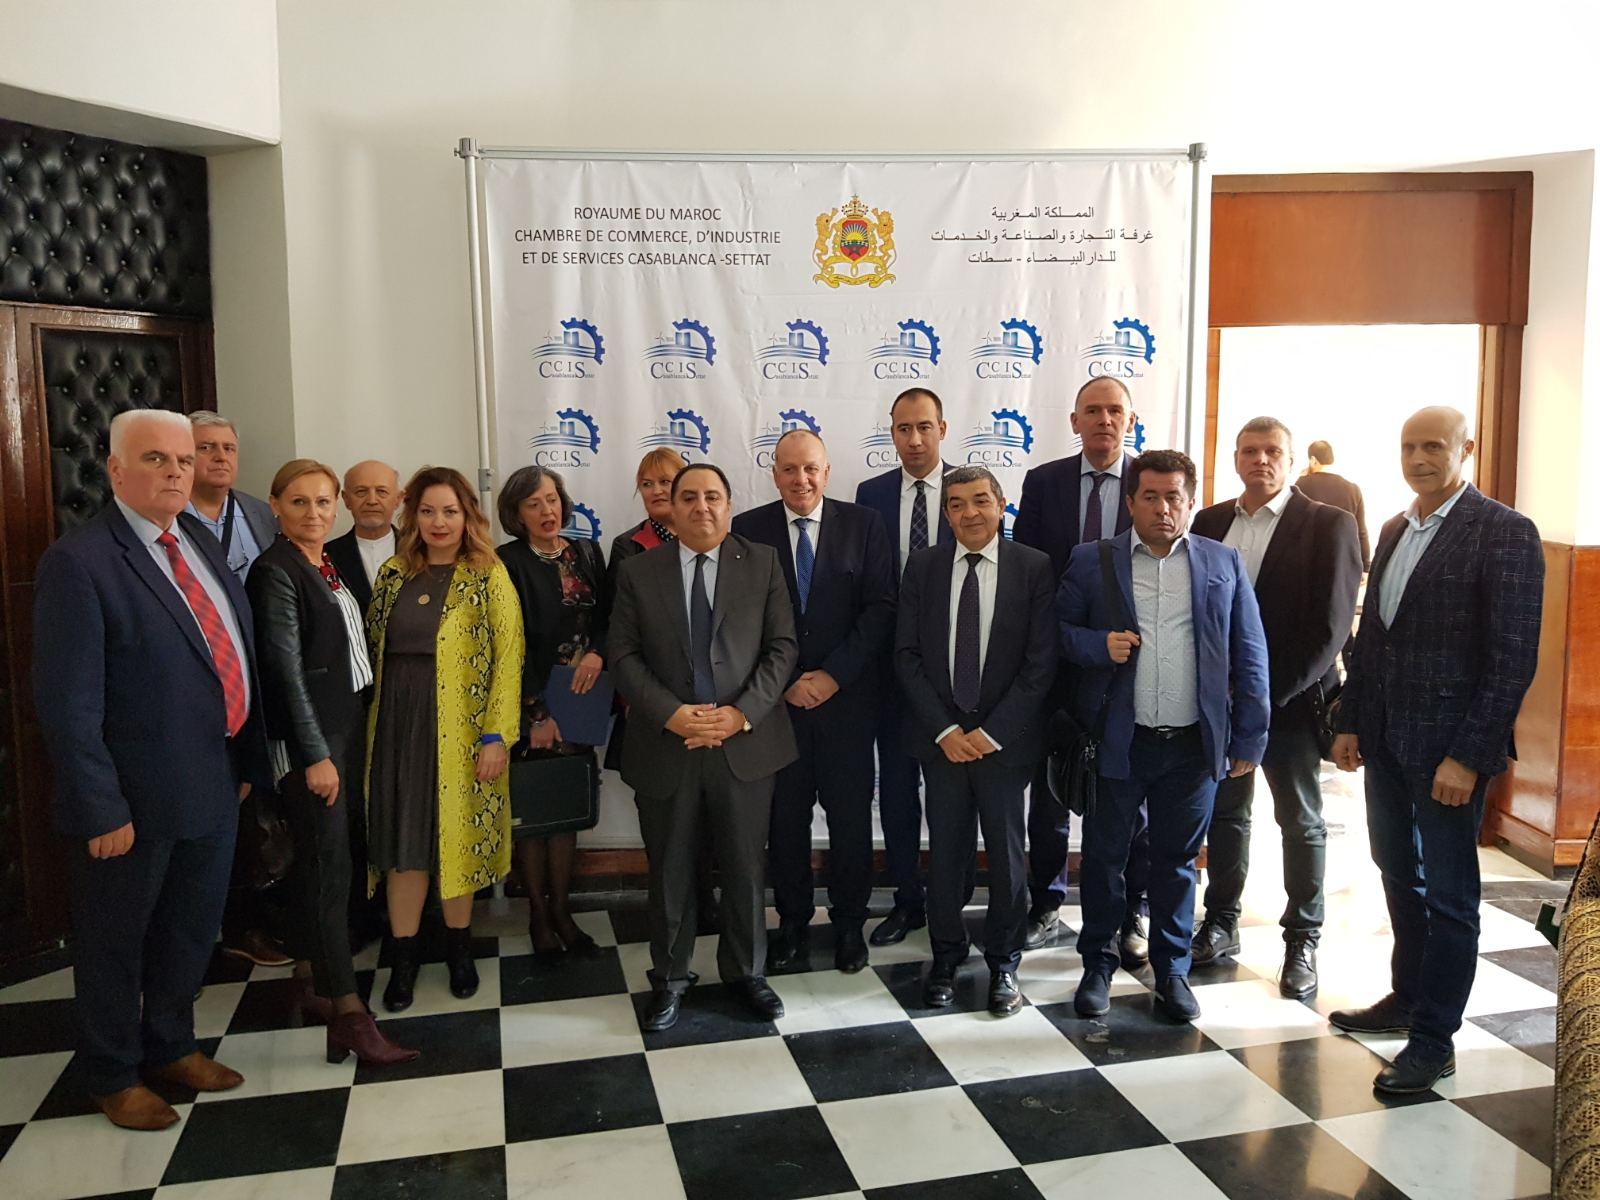 Ilustracija: Delegacija Privredne komore Vojvodine